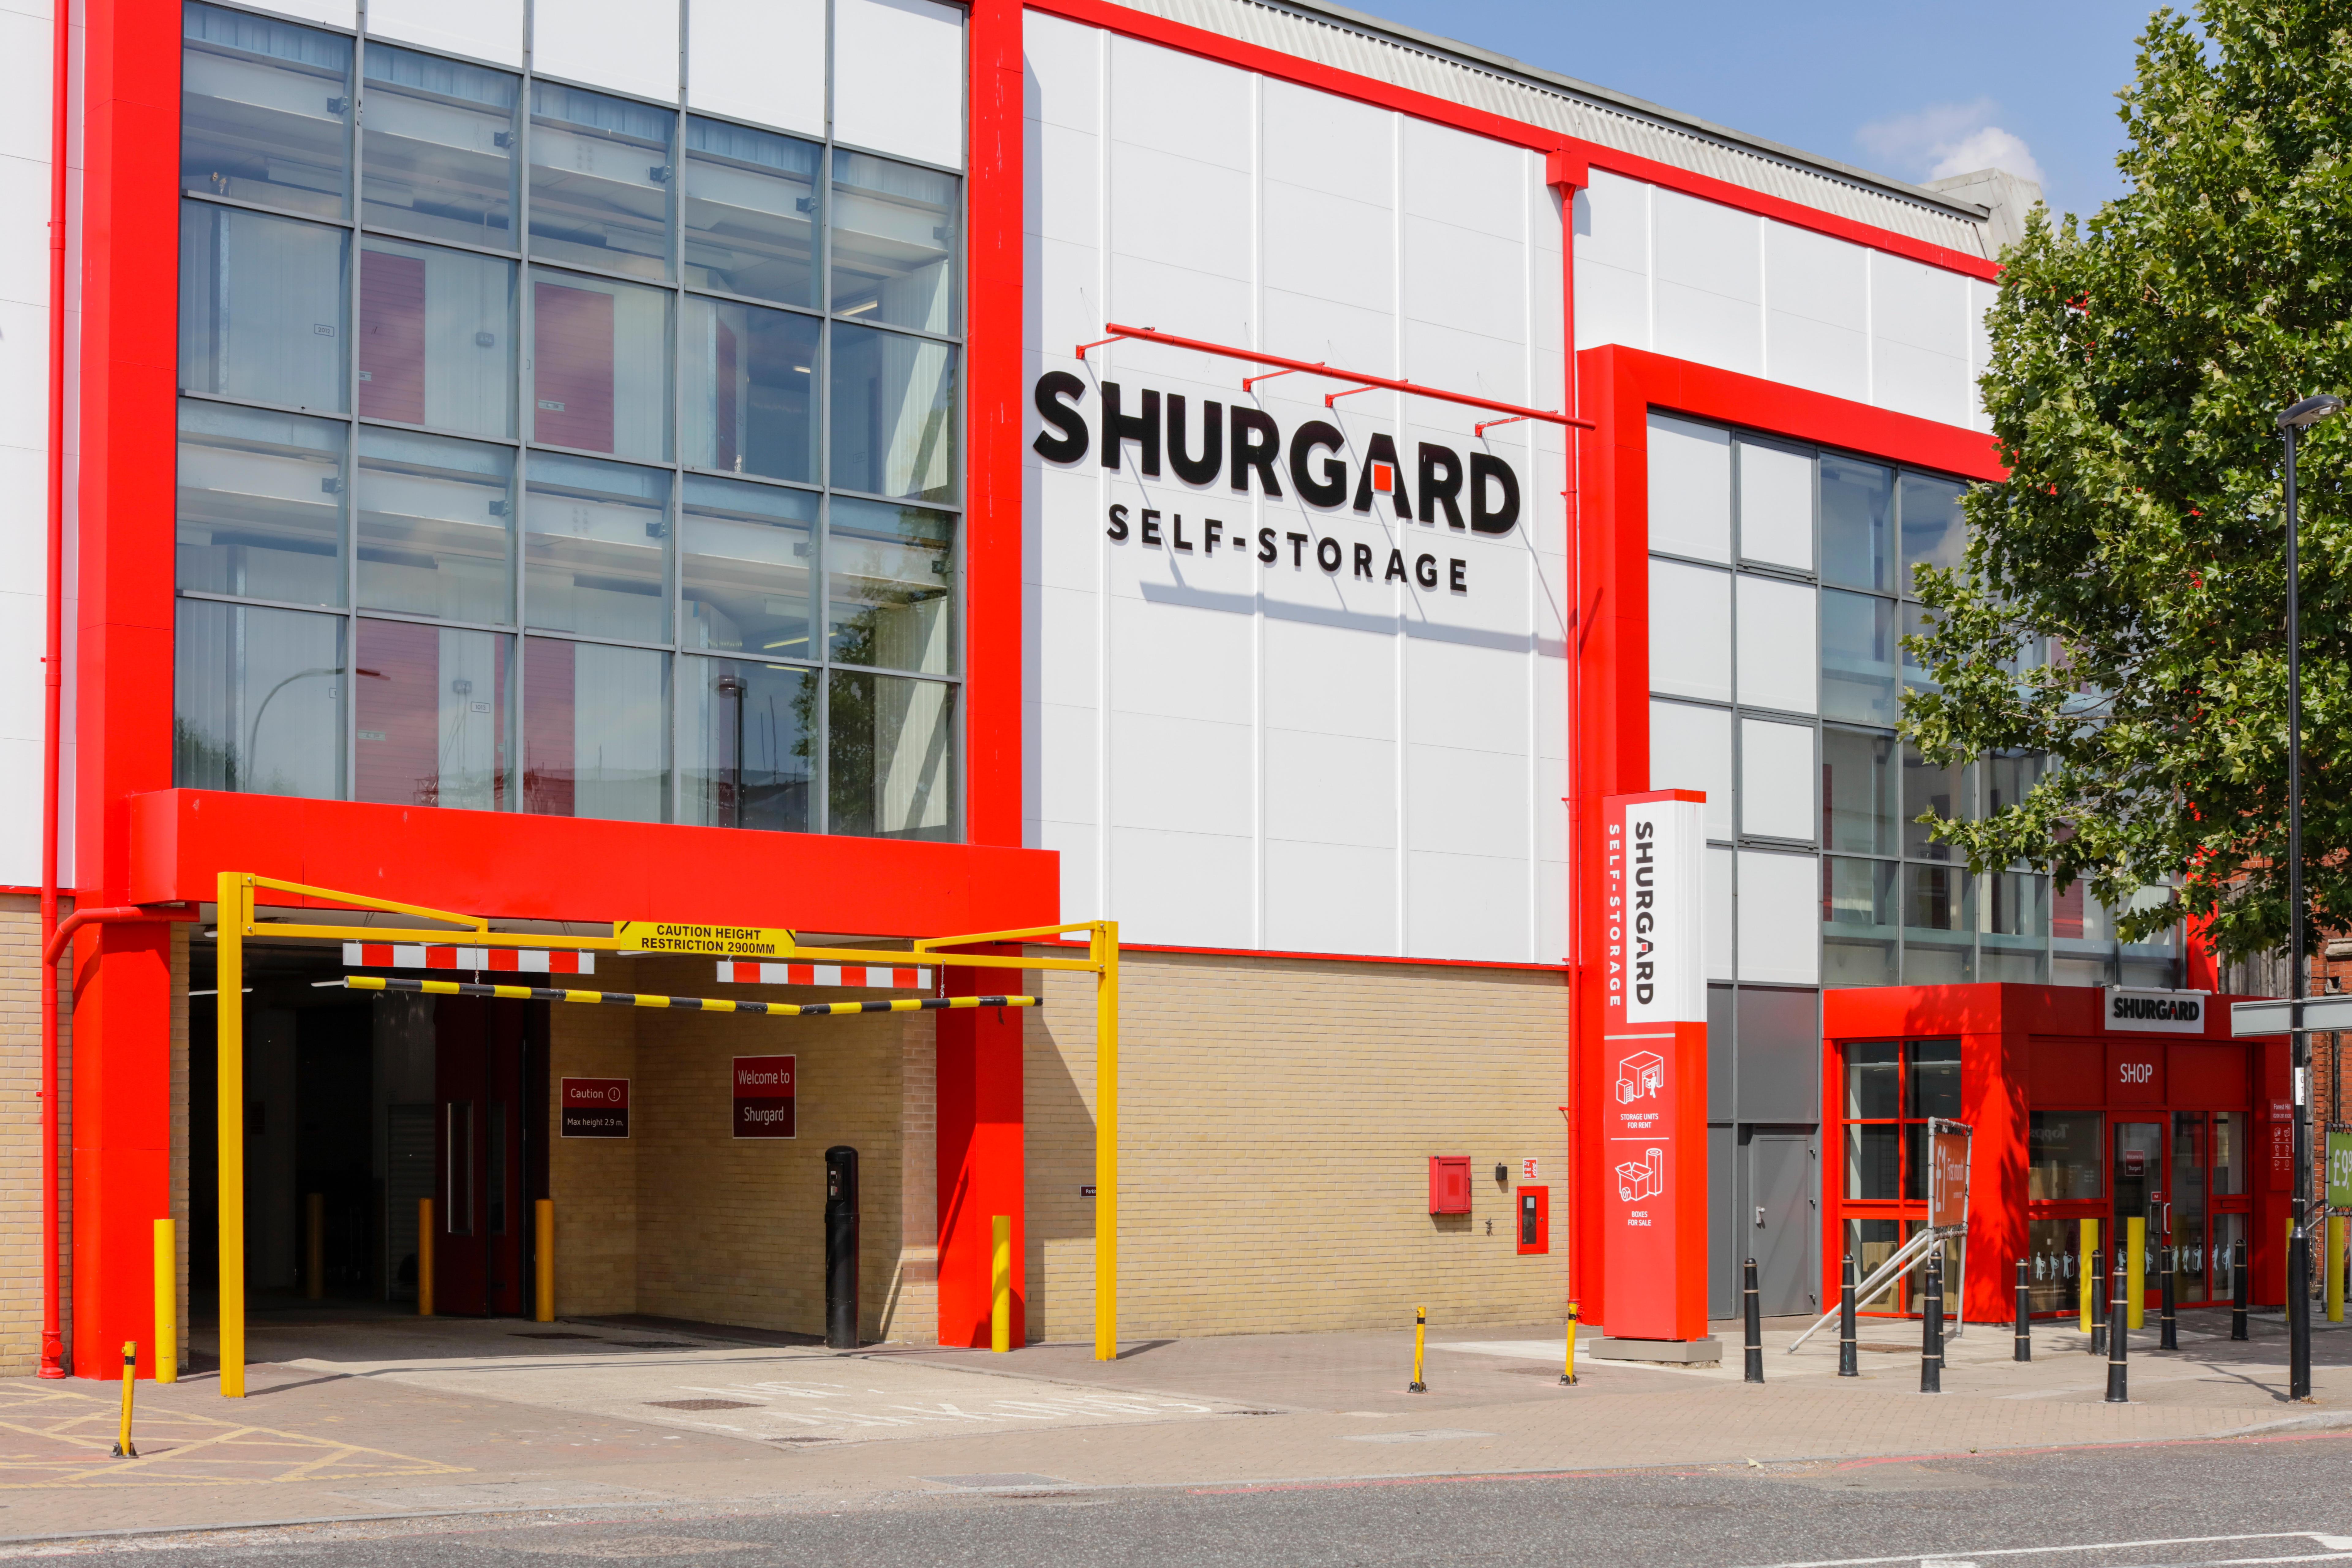 Shurgard Self-Storage Forest Hill